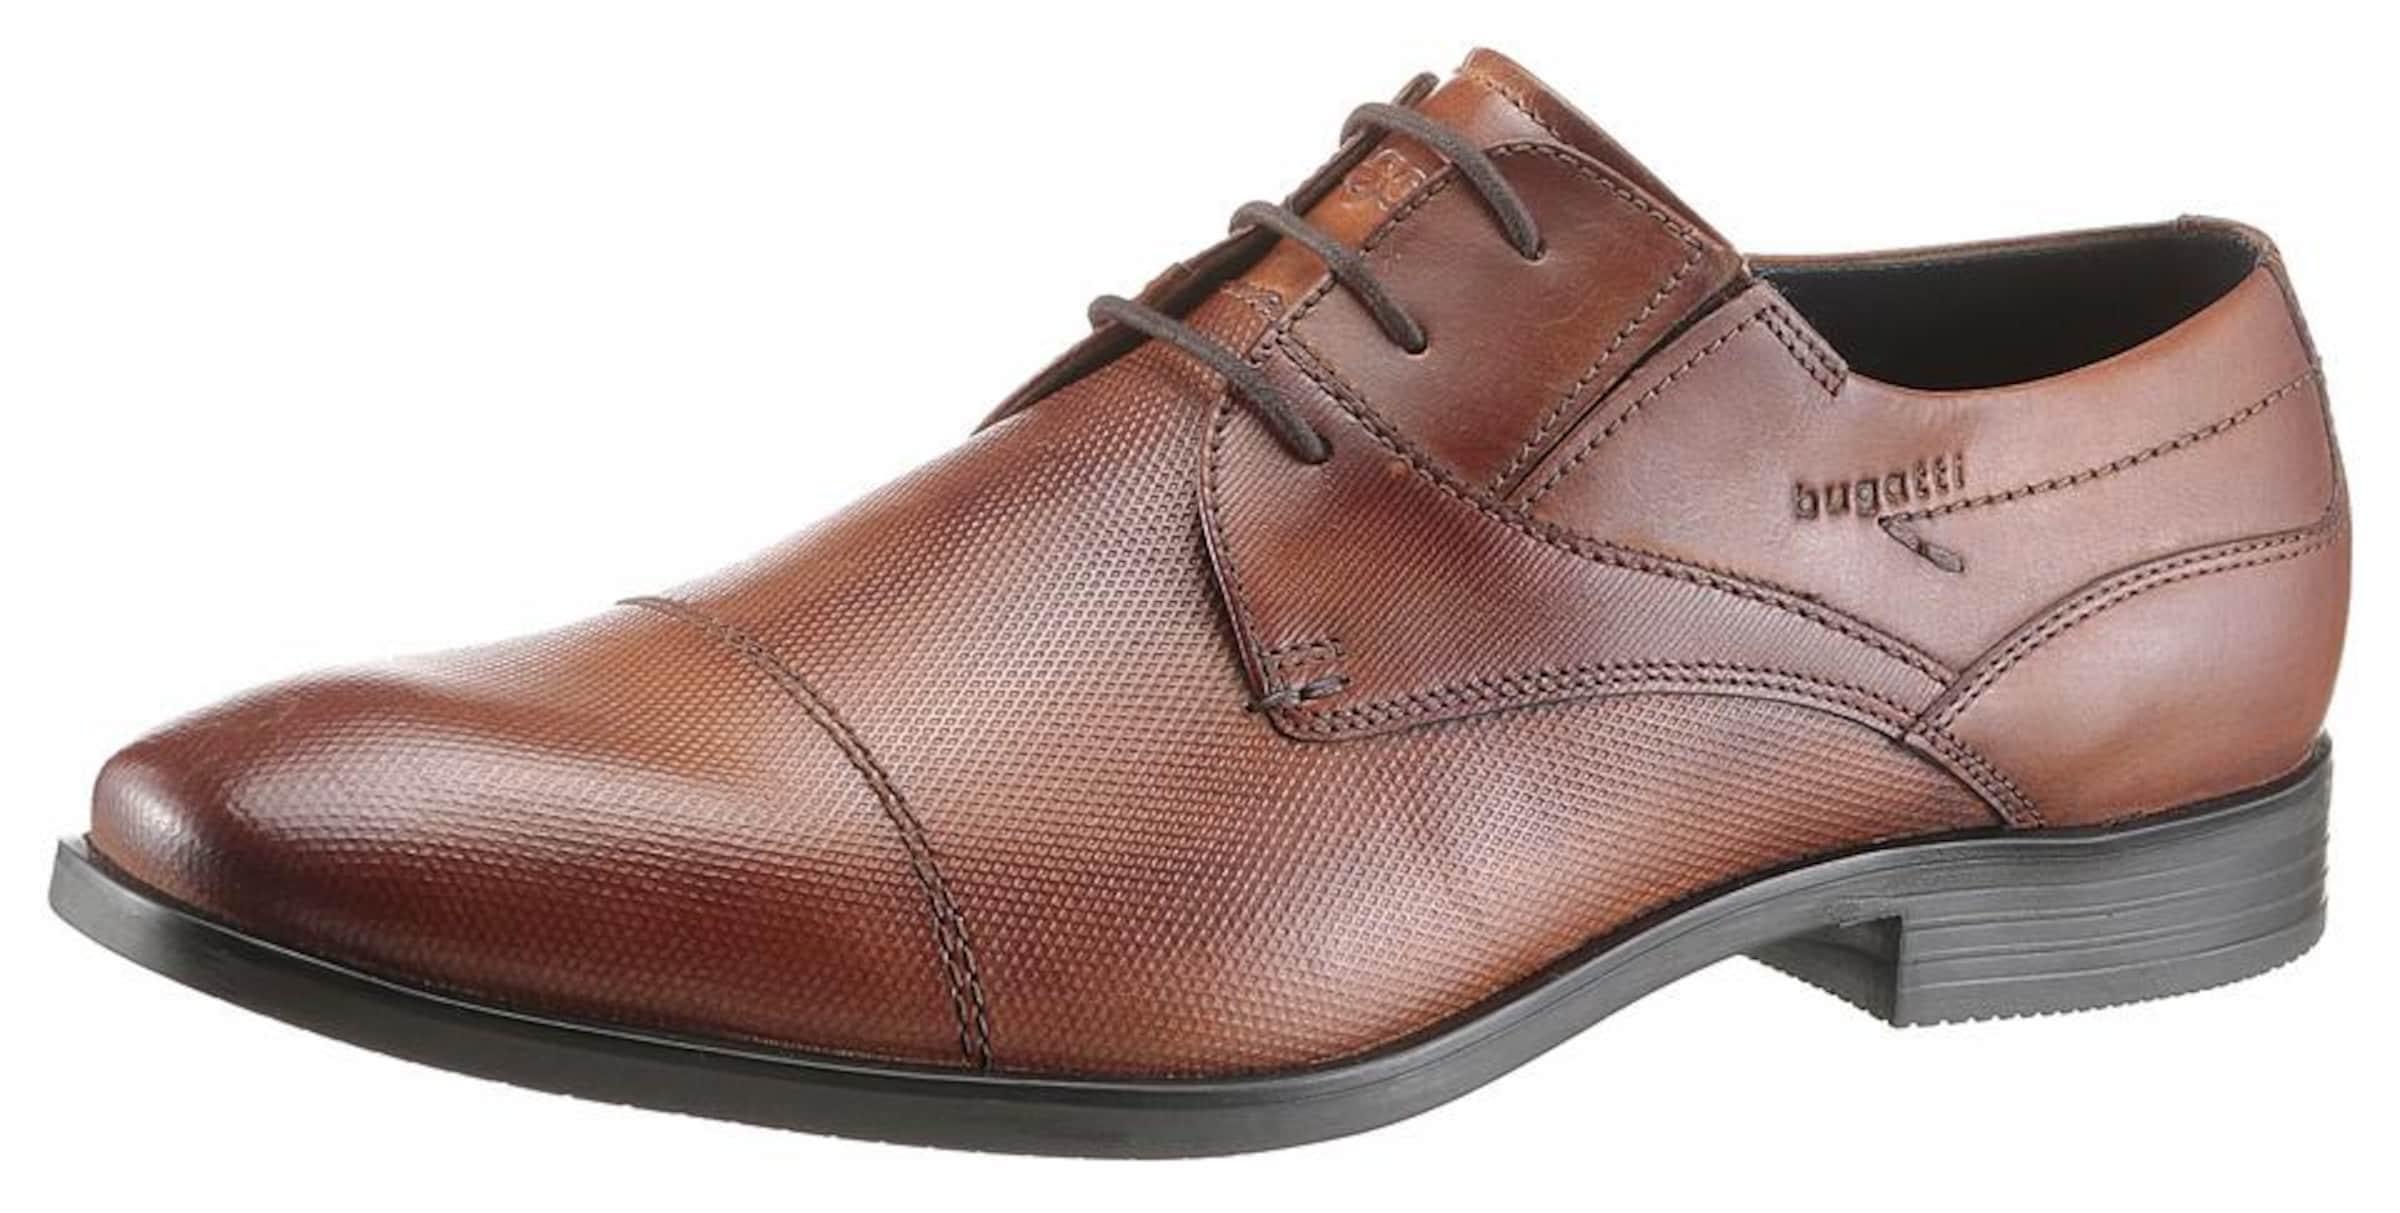 bugatti Schnürer Verschleißfeste billige Schuhe Hohe Qualität